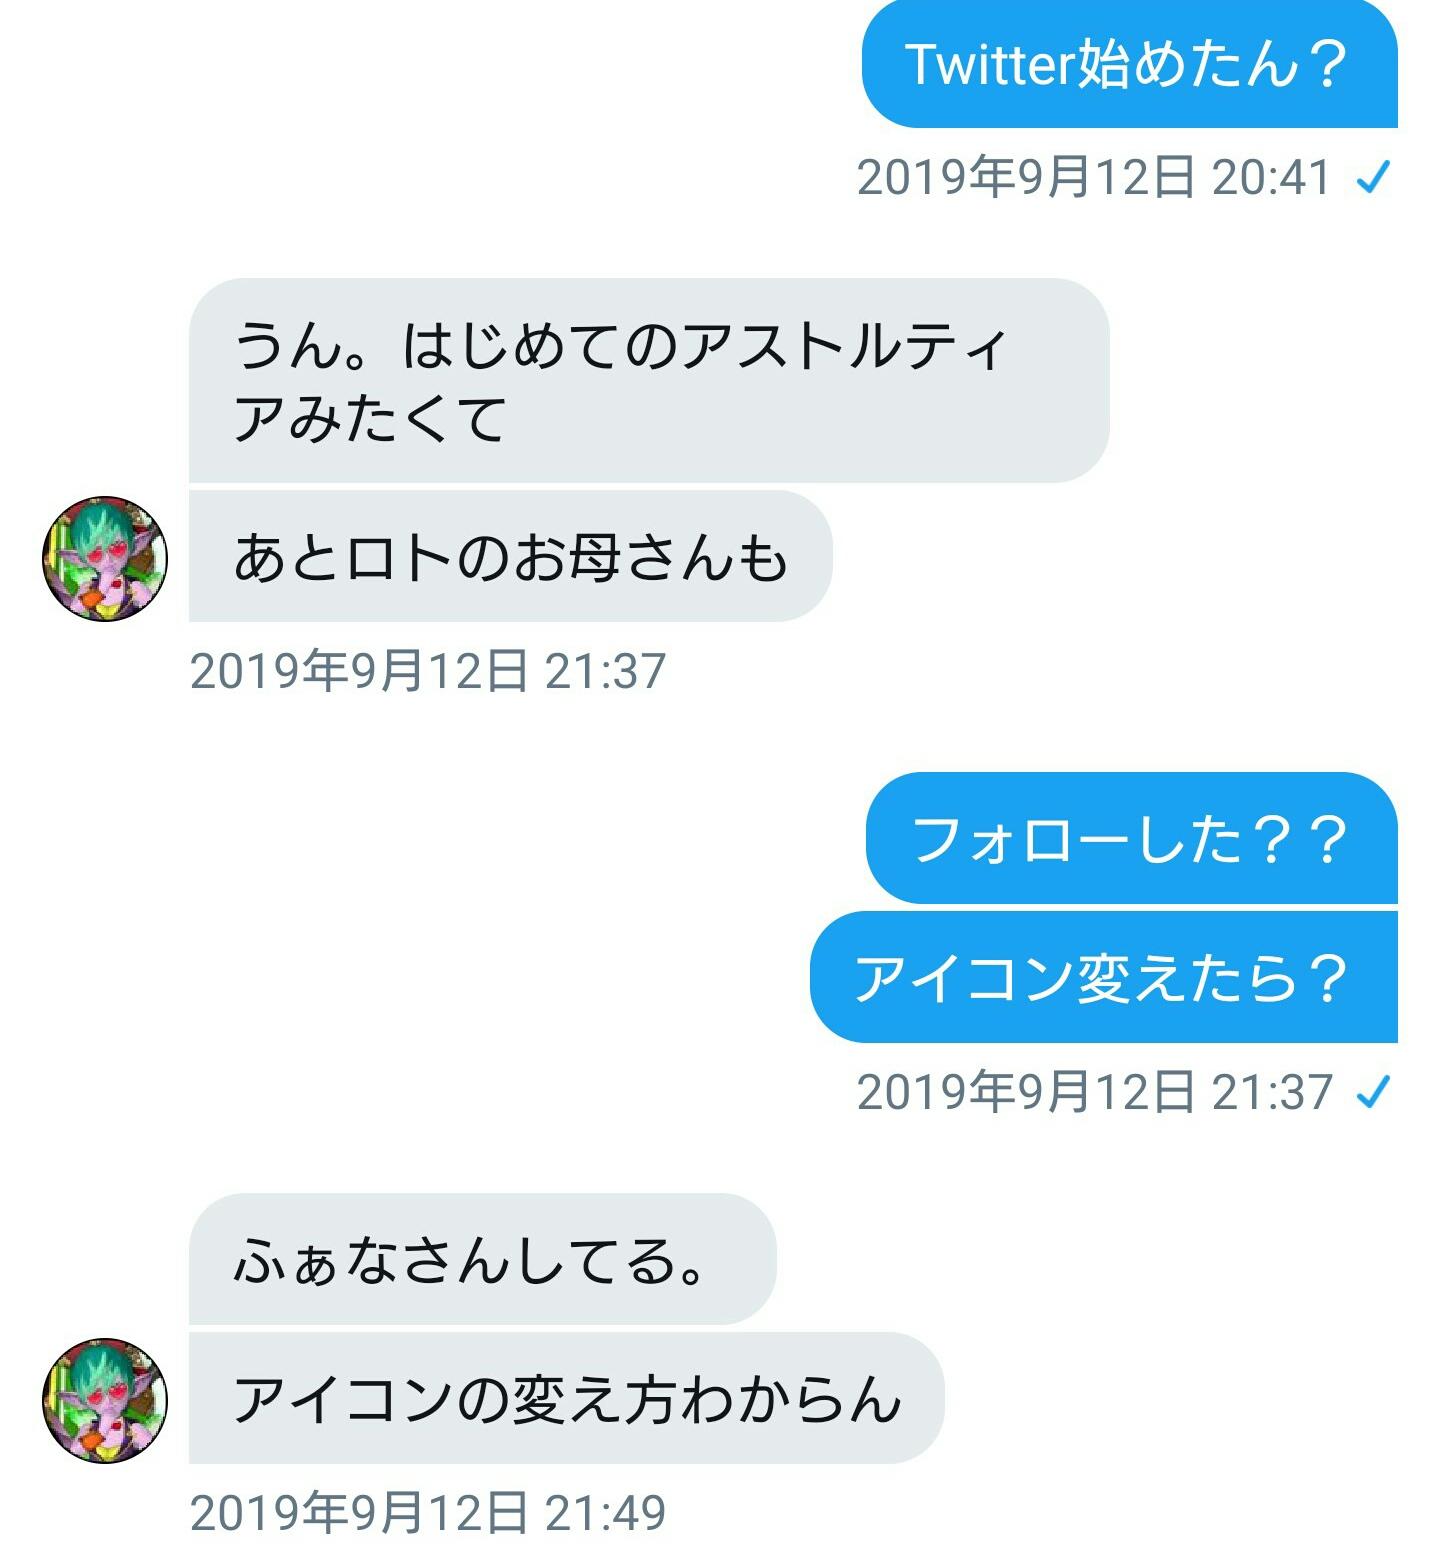 20191112132058148.jpg